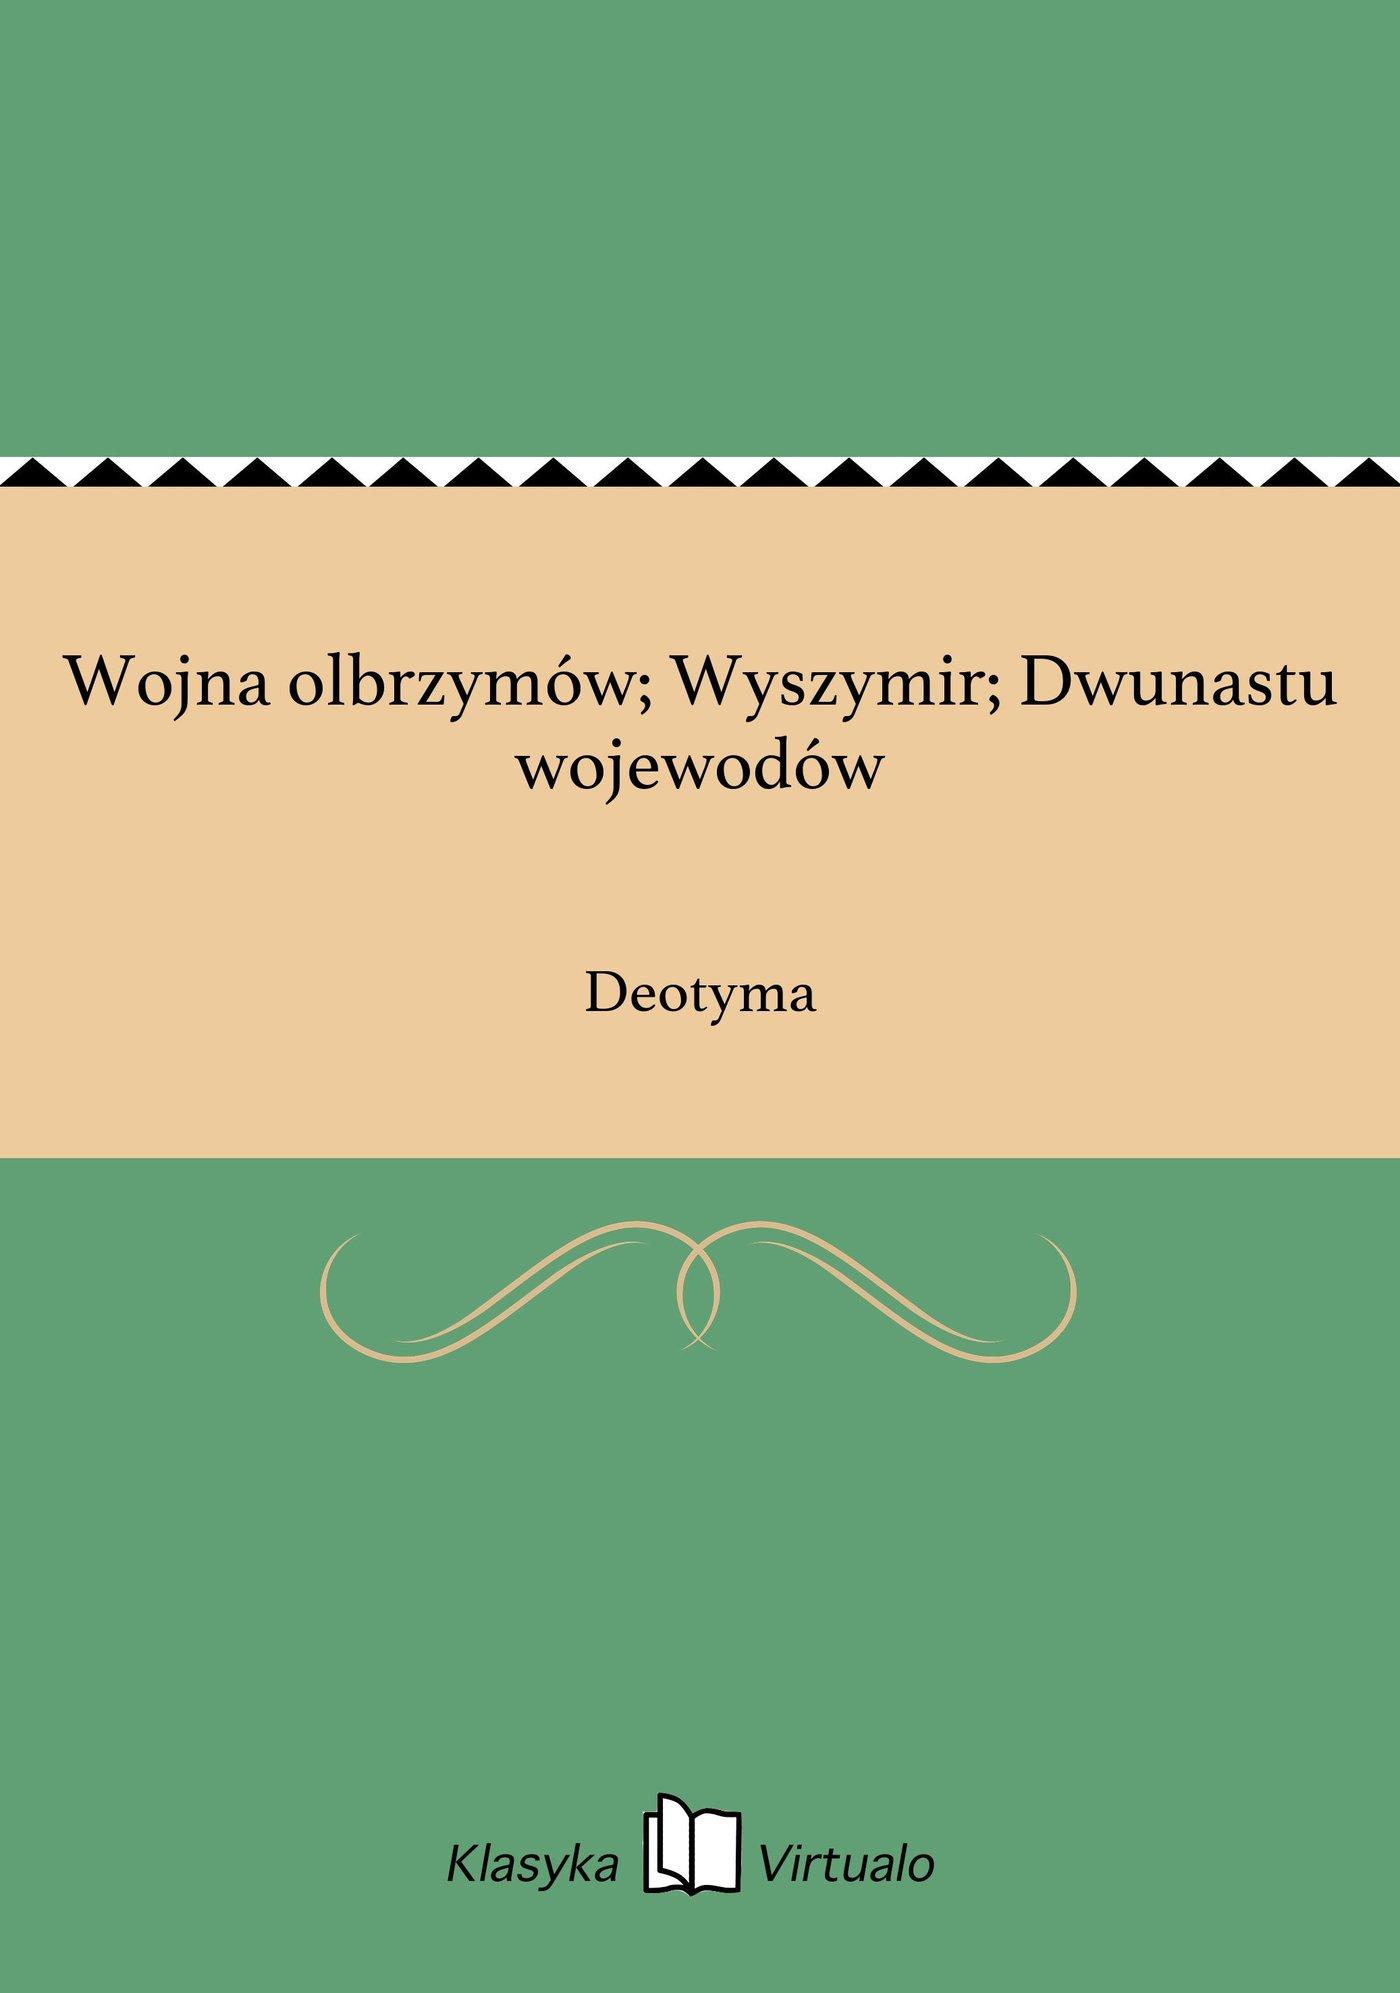 Wojna olbrzymów; Wyszymir; Dwunastu wojewodów - Ebook (Książka EPUB) do pobrania w formacie EPUB